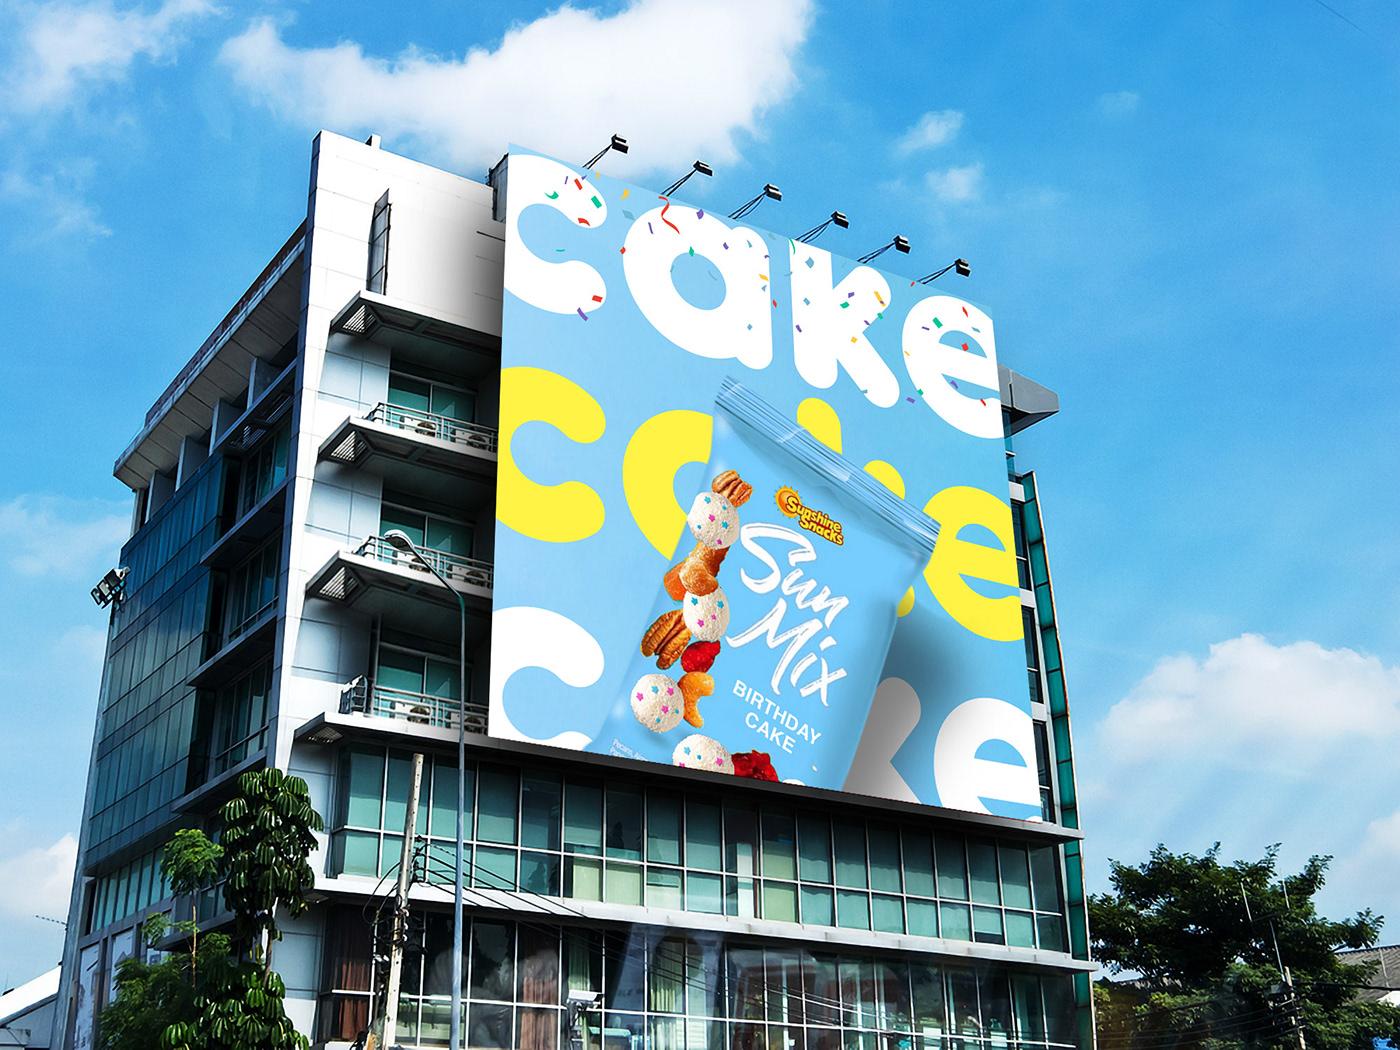 Snack campaign launch design